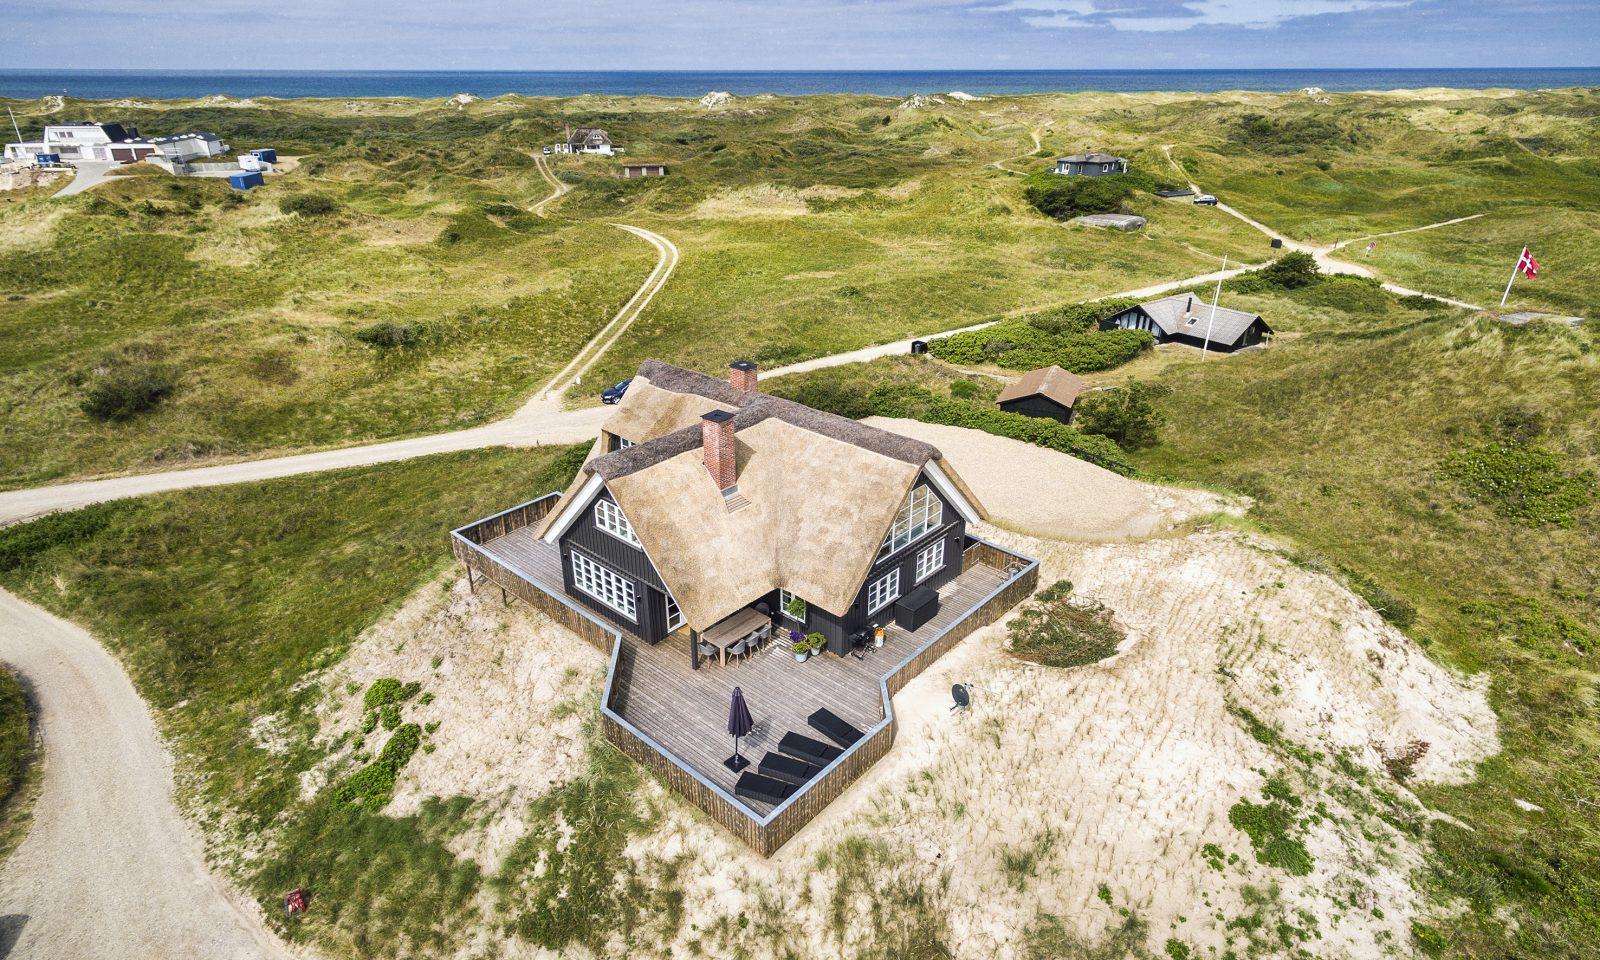 Sommerhus Nordvej 118 Vejers udefotos Dronefotos